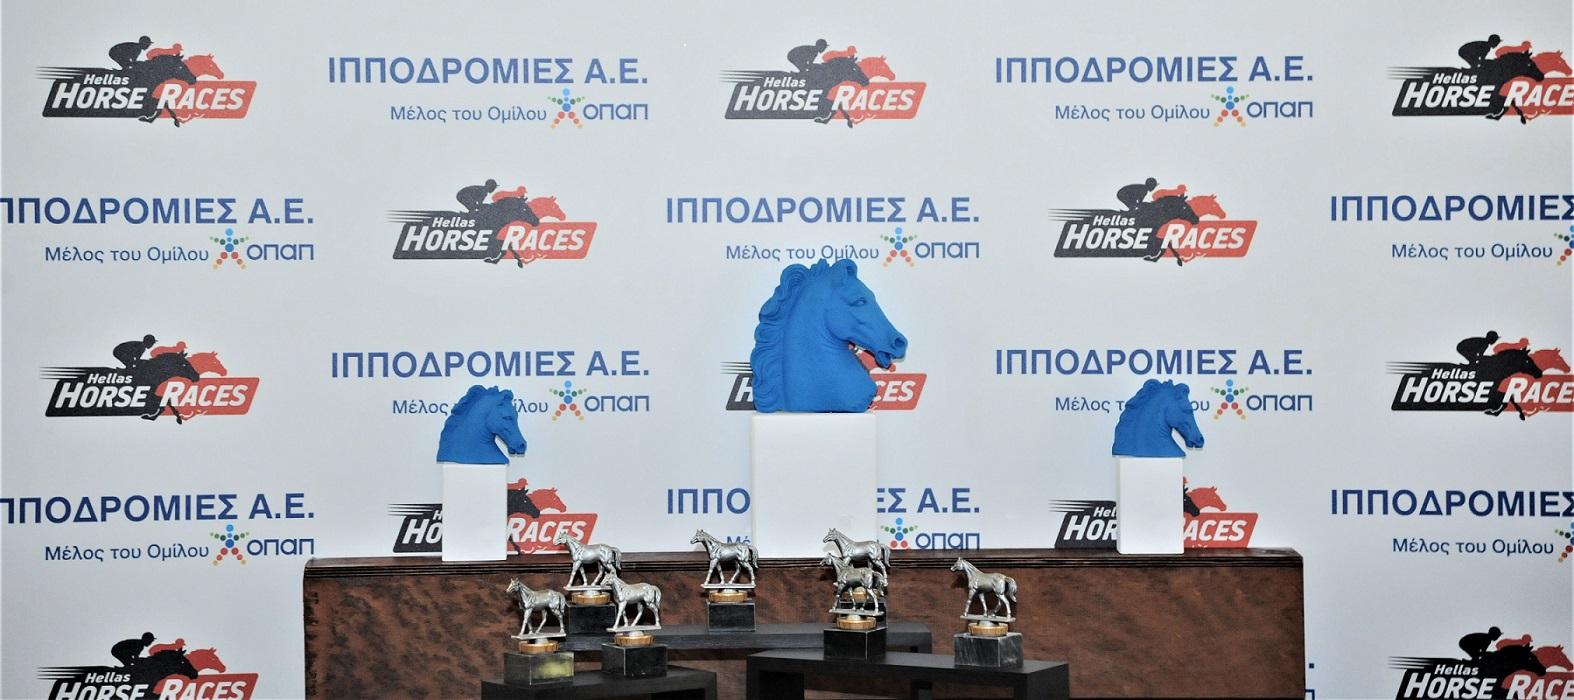 Στην τελική ευθεία για την ανάδειξη των πρωταθλητών χειμώνα στον ιππόδρομο του Μαρκόπουλου